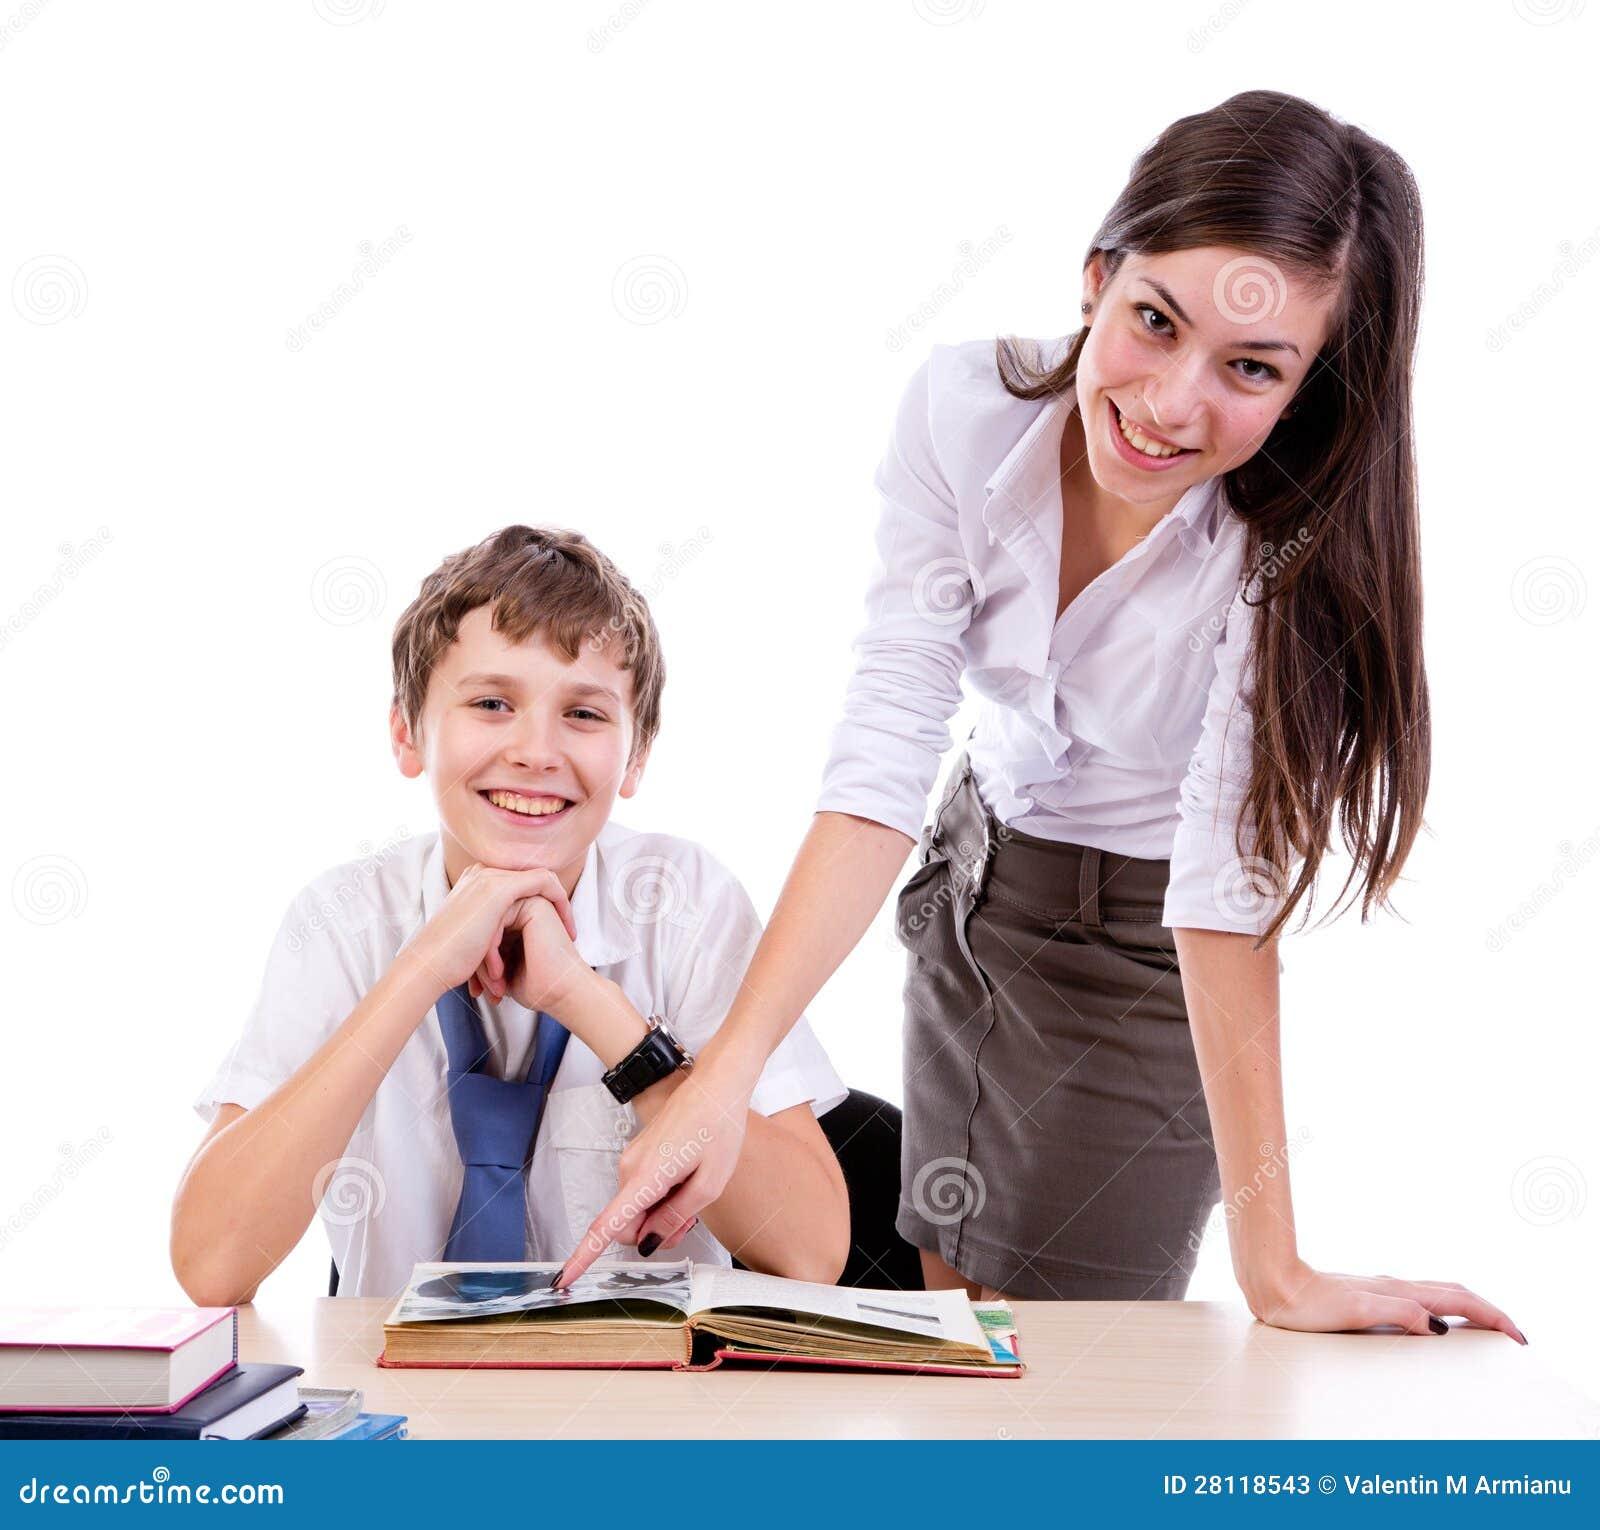 Higher biology essay marking schemes